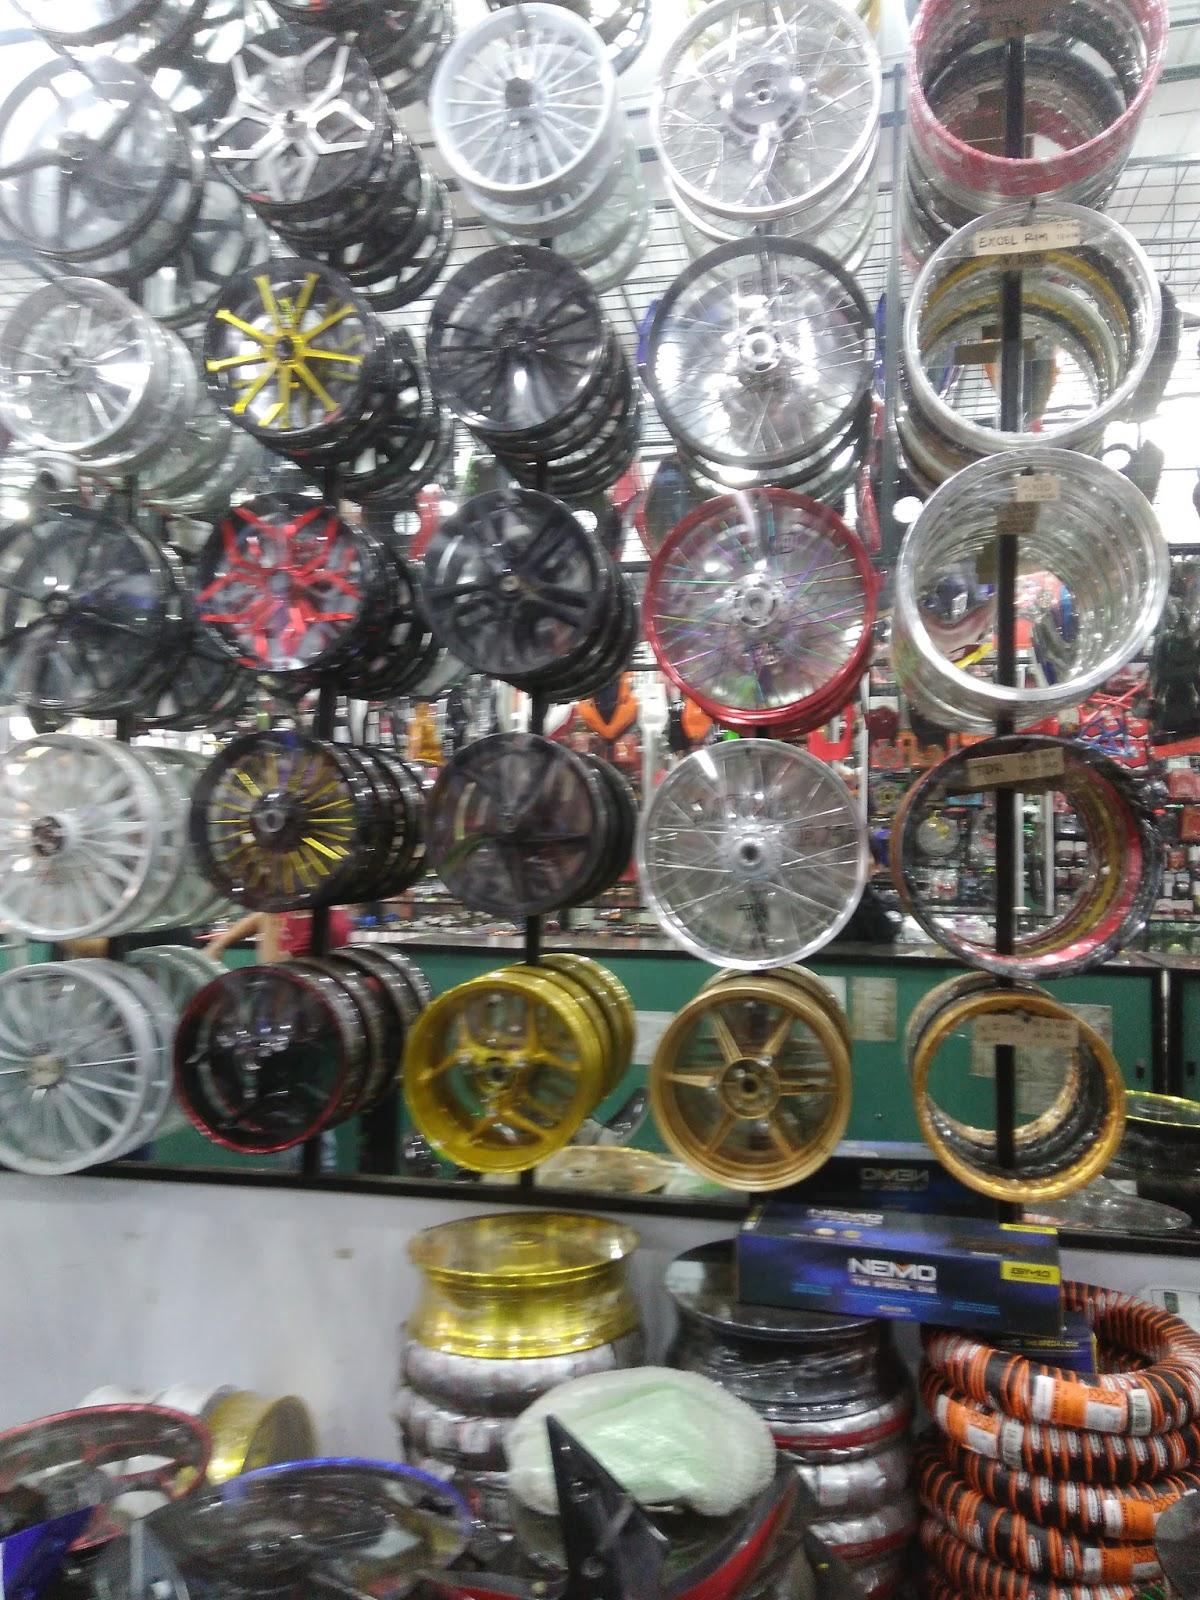 Peluang Usaha Aksesoris Motor Dan Sparepart Motor 62 896 3171 5795